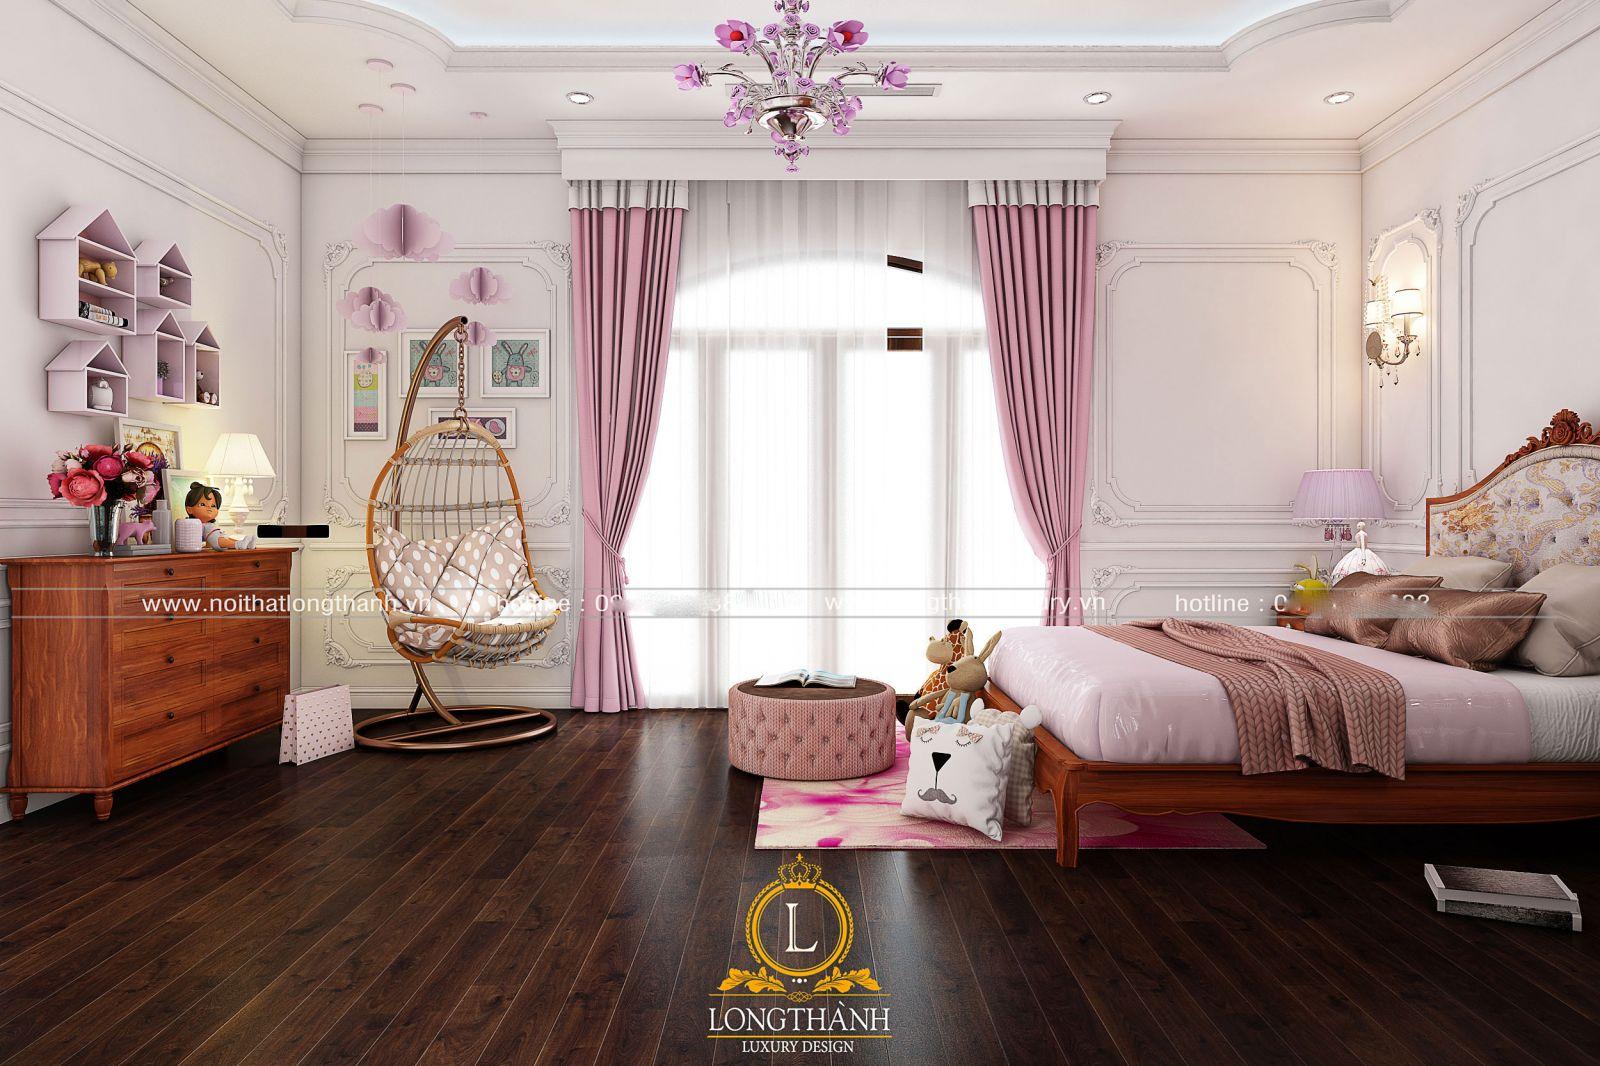 Cách phối màu cho phòng ngủ hiện đại - Đẹp và tinh tế, tự nhiên